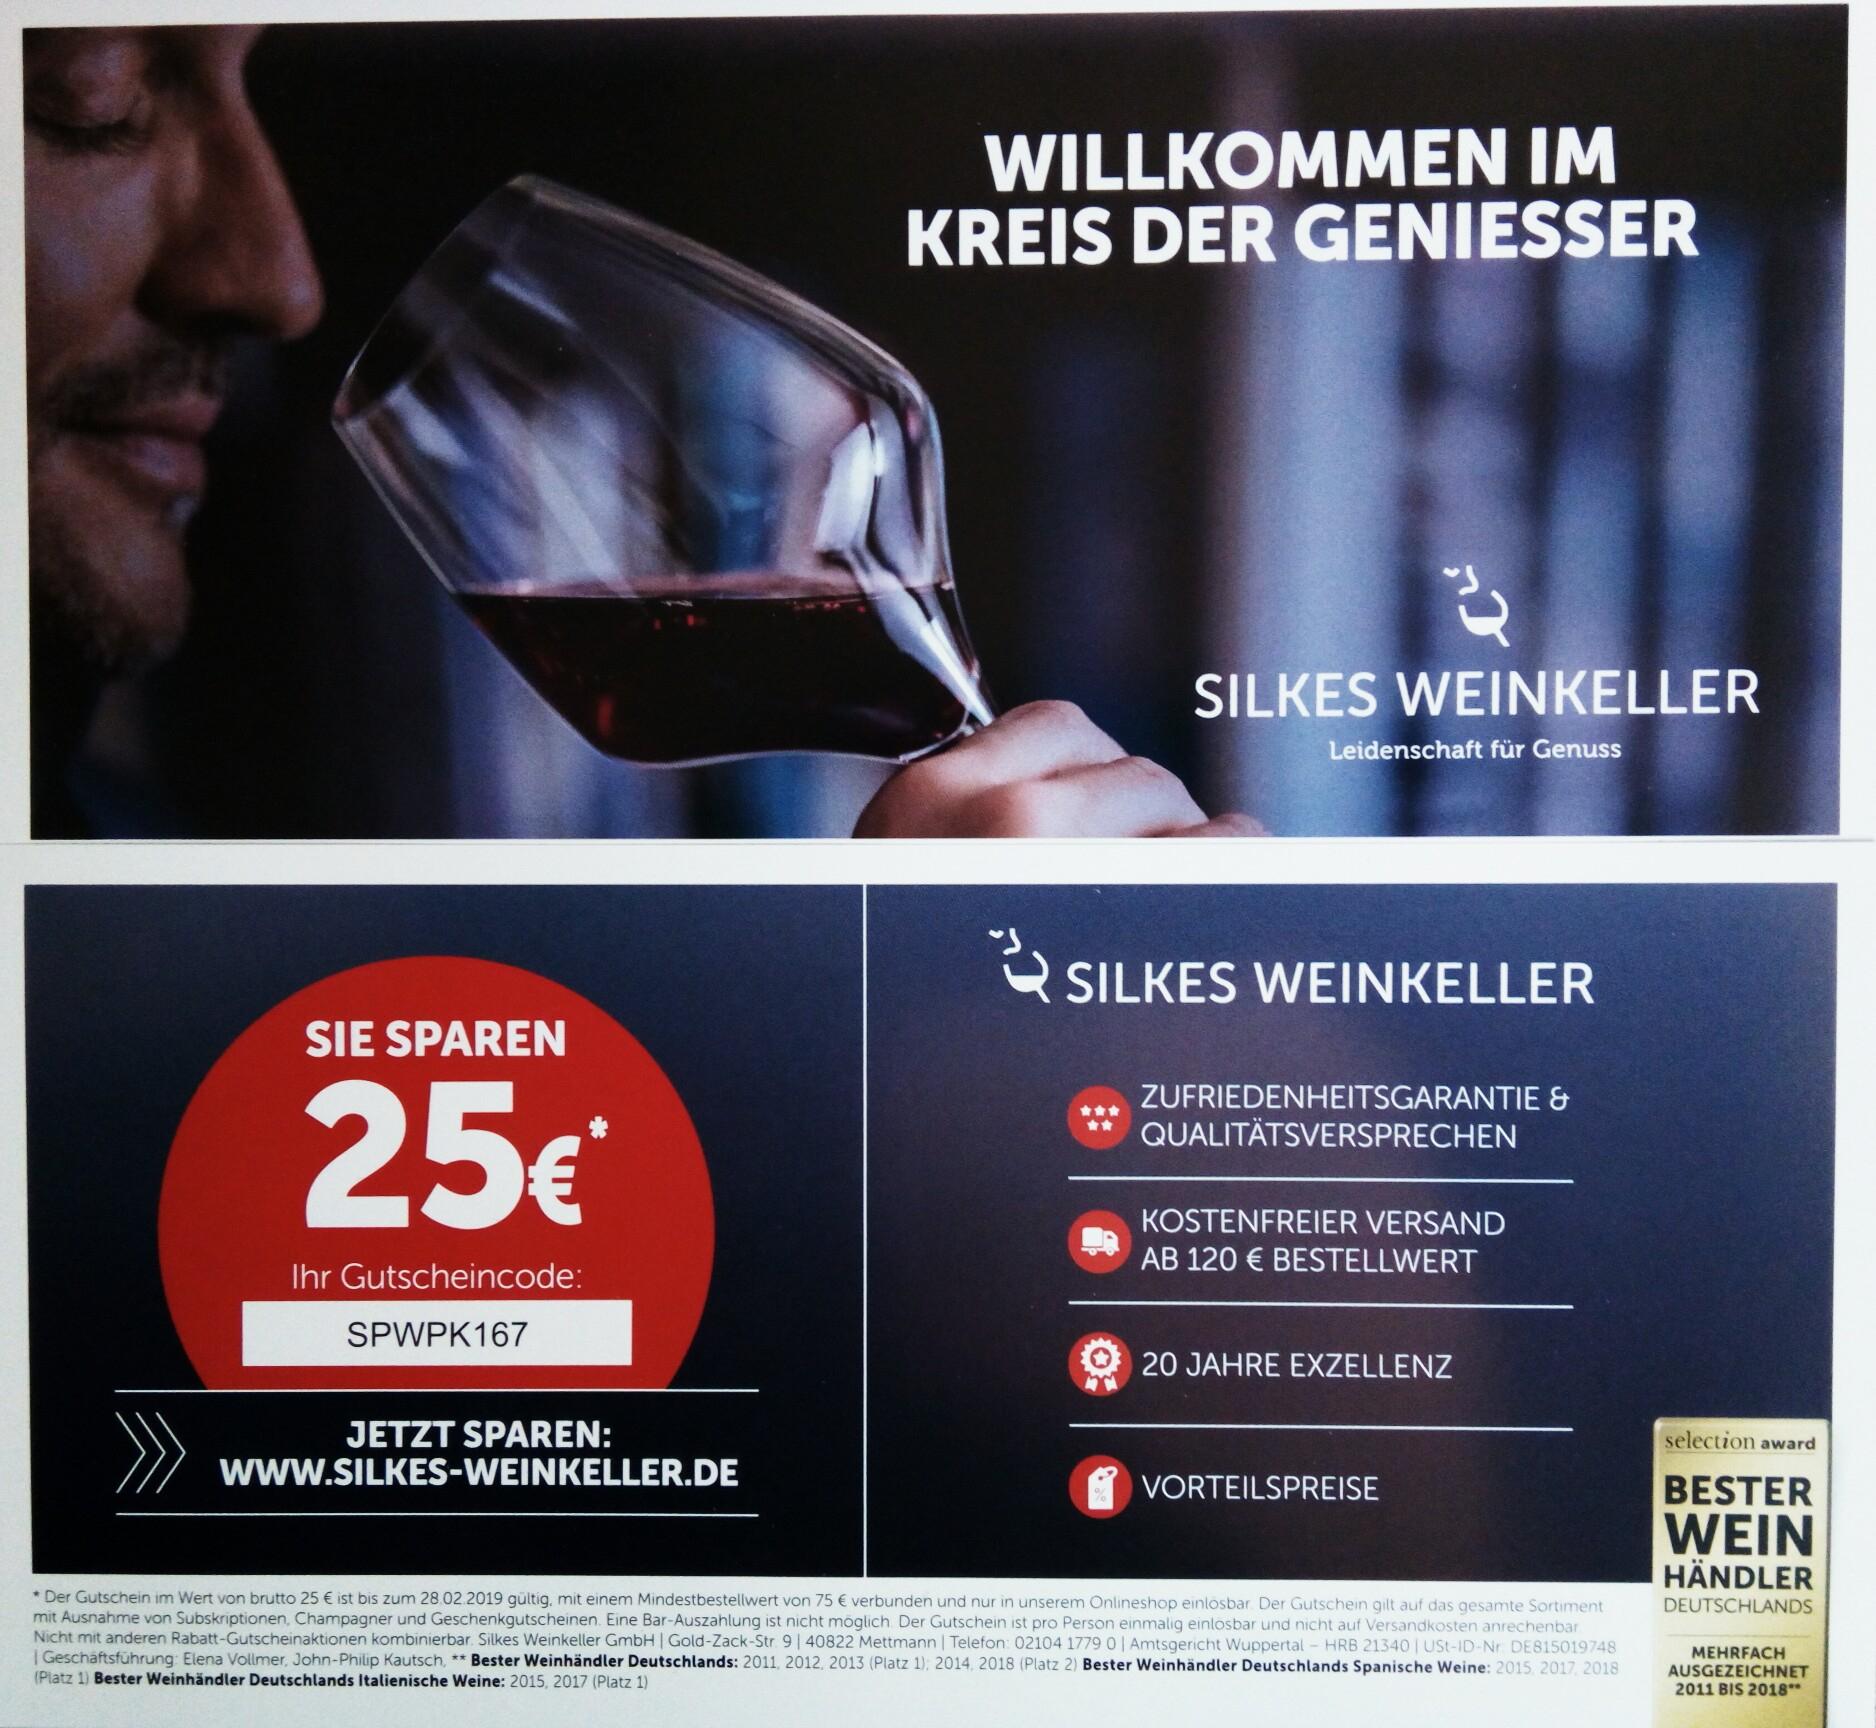 25€ sparen bei Silkes-Weinkeller.de